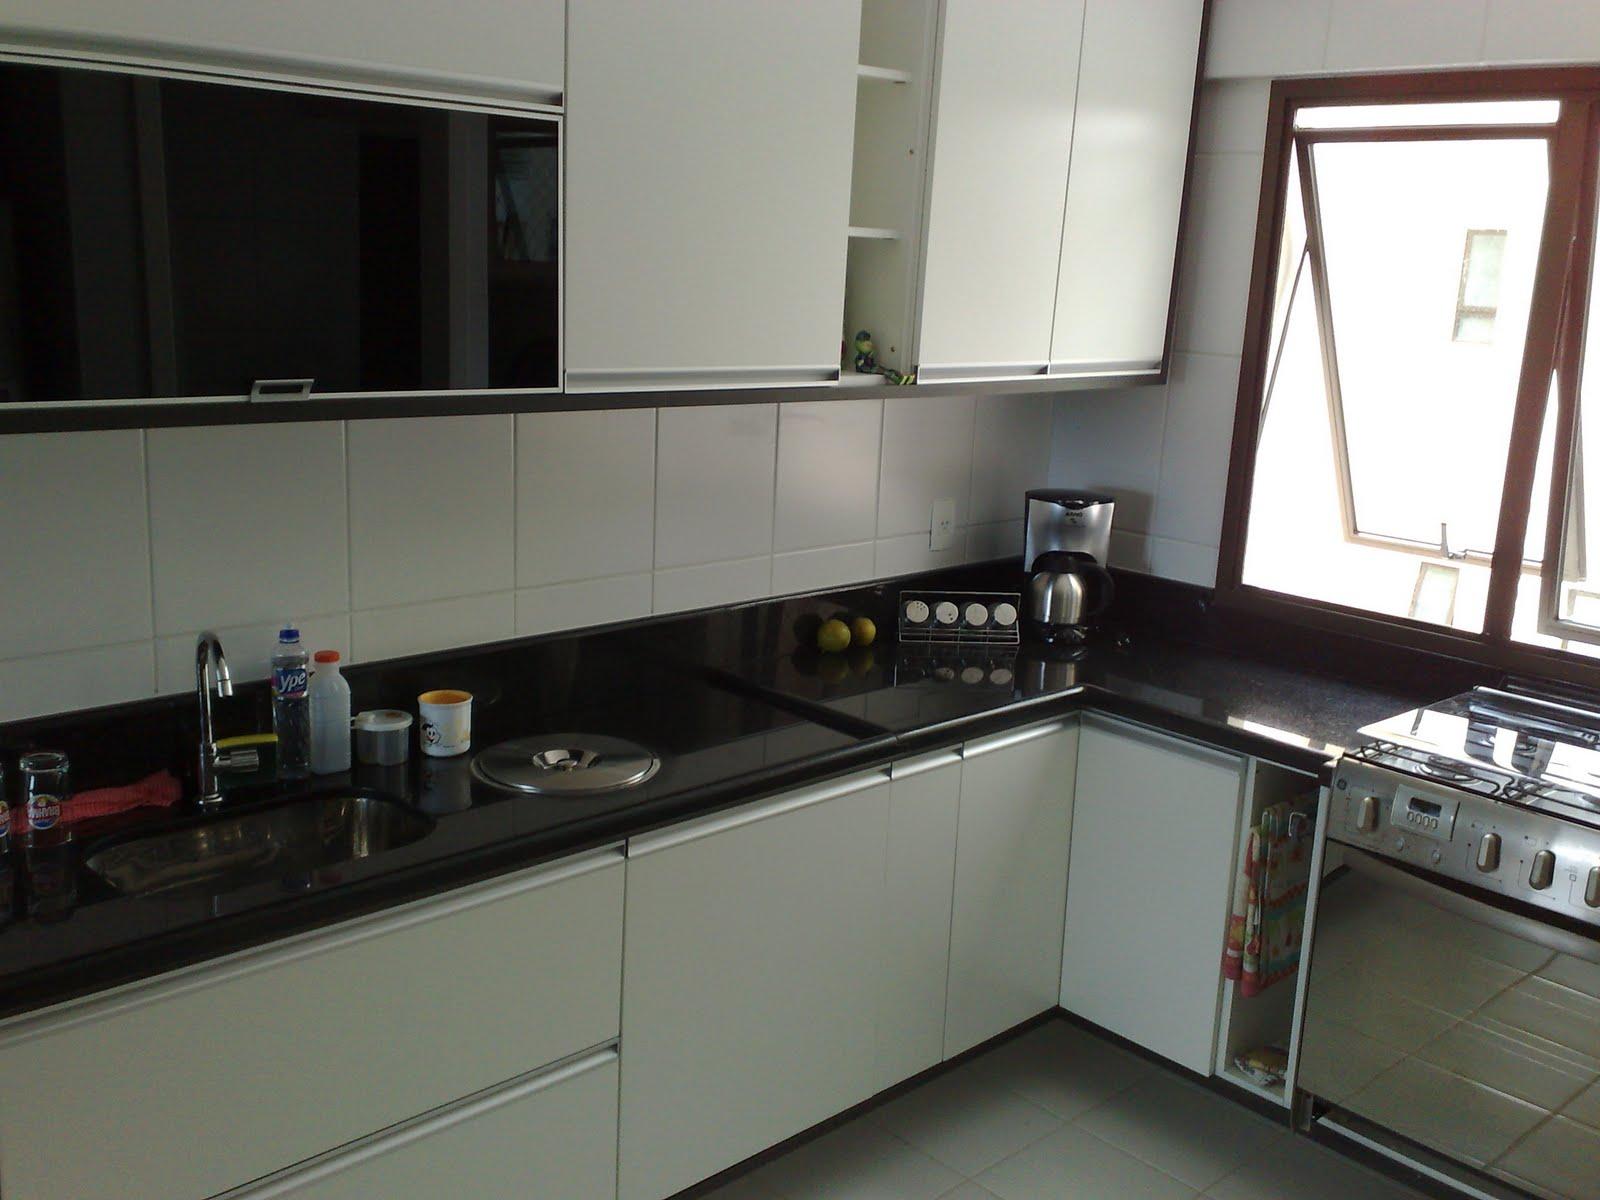 Ângulo Mármores e Granitos: Cozinhas #61453D 1600x1200